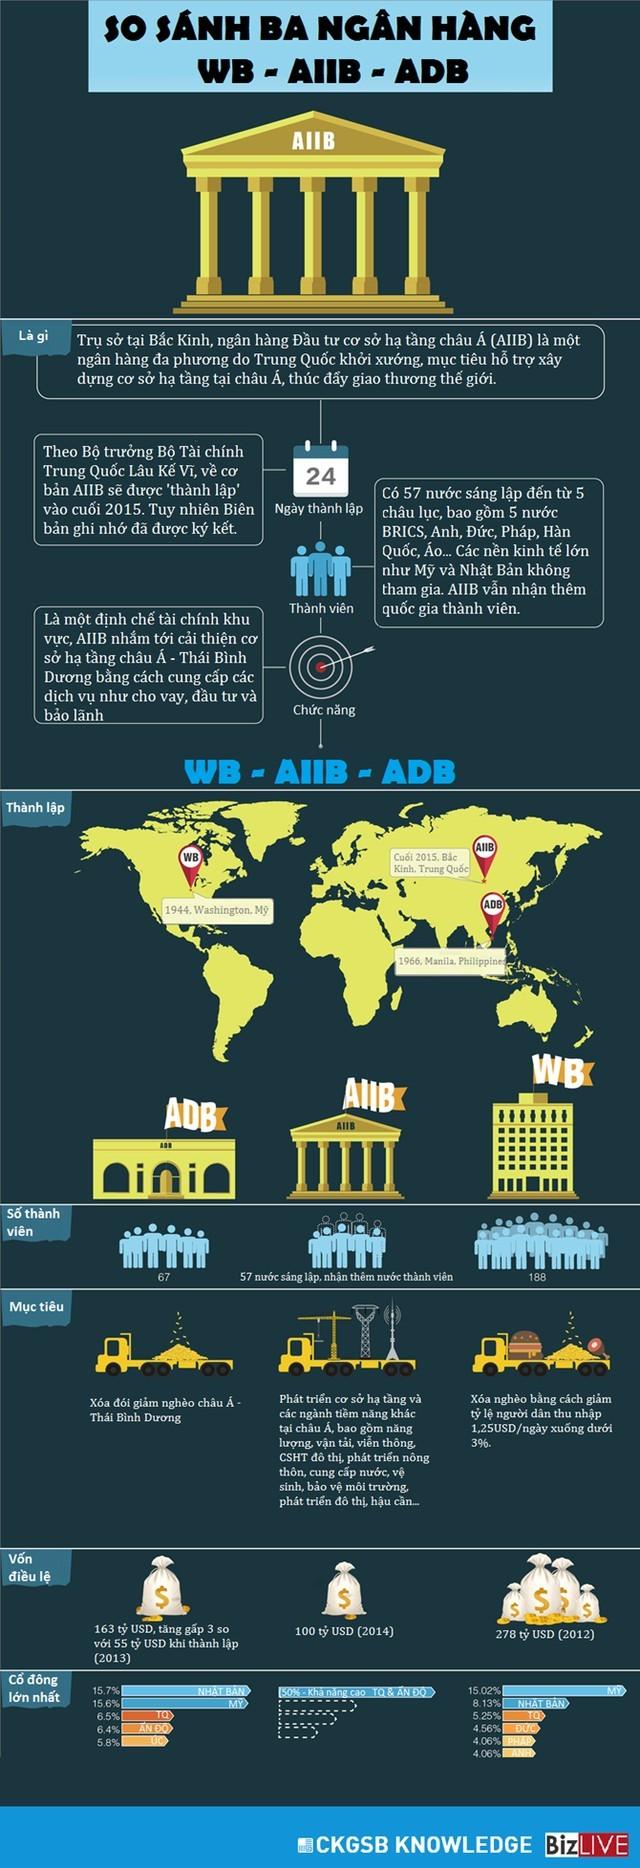 """So sánh thế """"tam trụ"""" ngân hàng: World Bank - AIIB - ADB ảnh 1"""